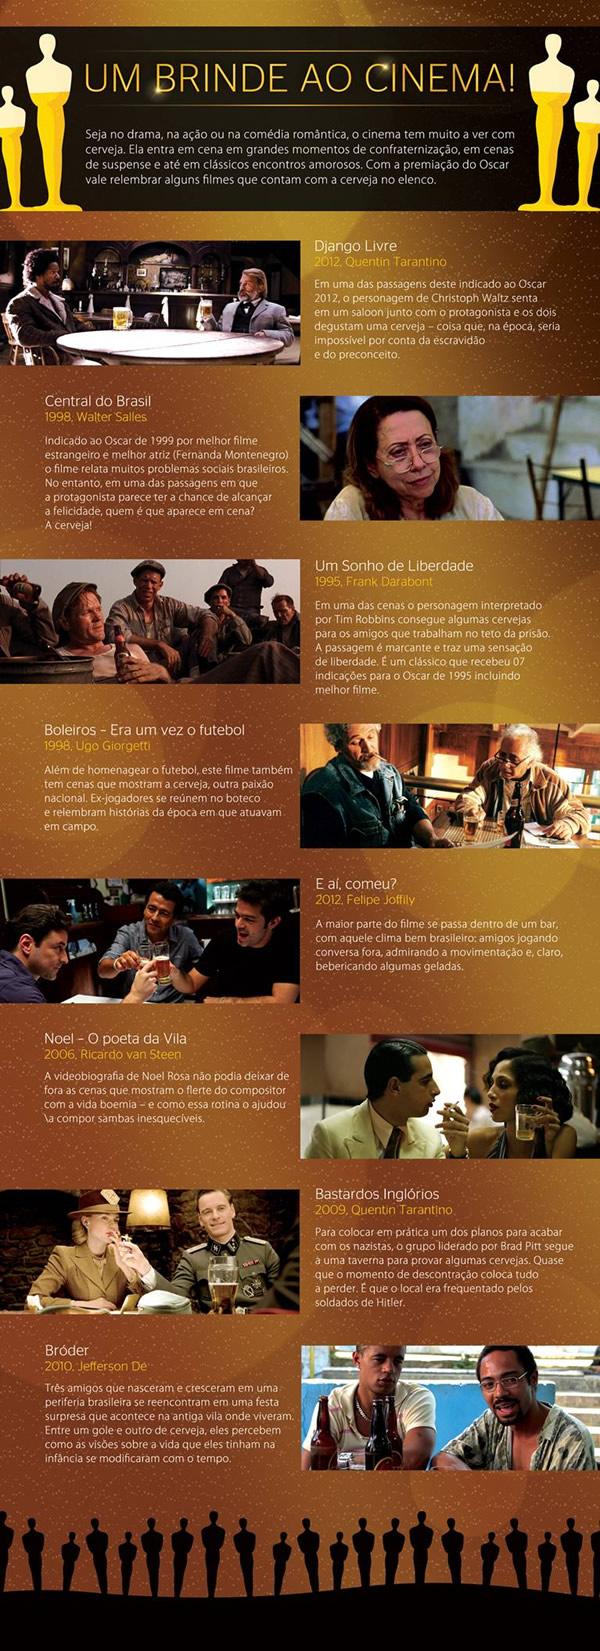 Folder com filmes brasileiros com cerveja